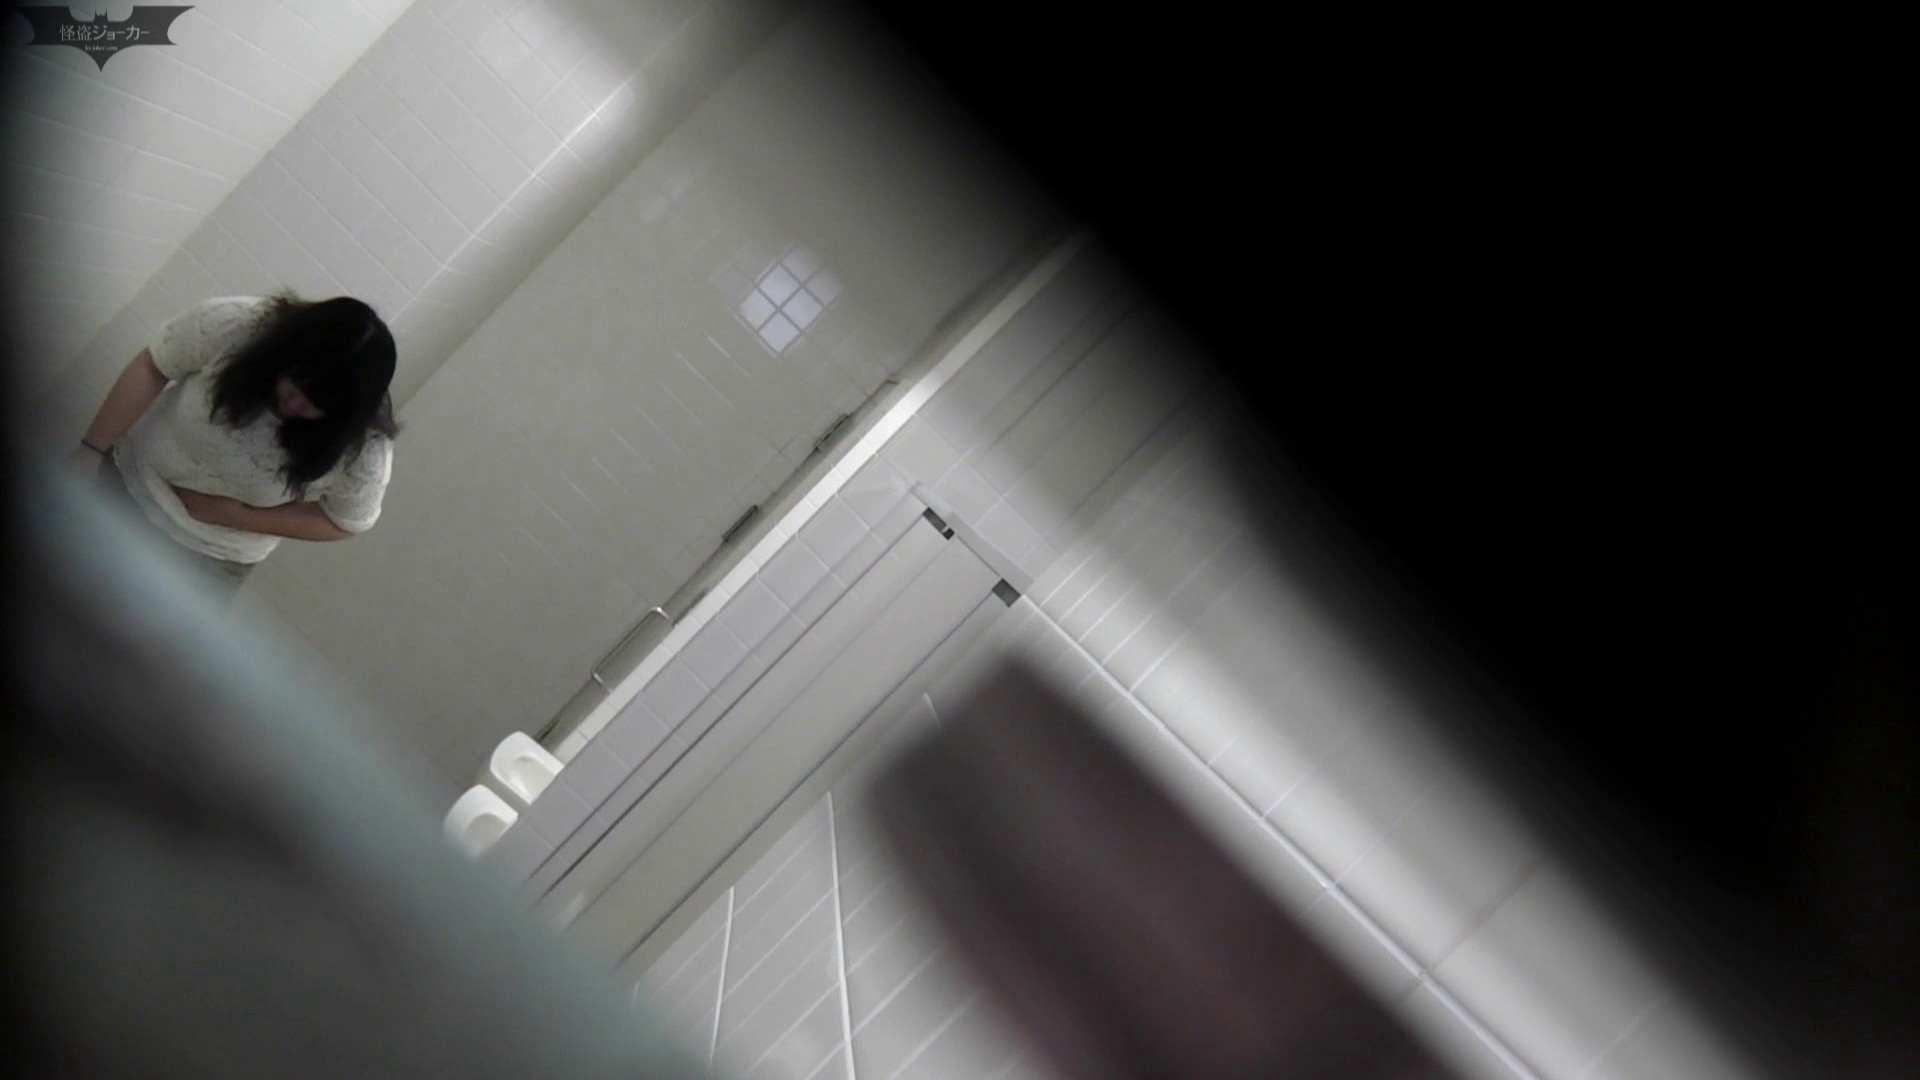 お銀 vol.68 無謀に通路に飛び出て一番明るいフロント撮り実現、見所満載 OLのボディ  70PIX 60